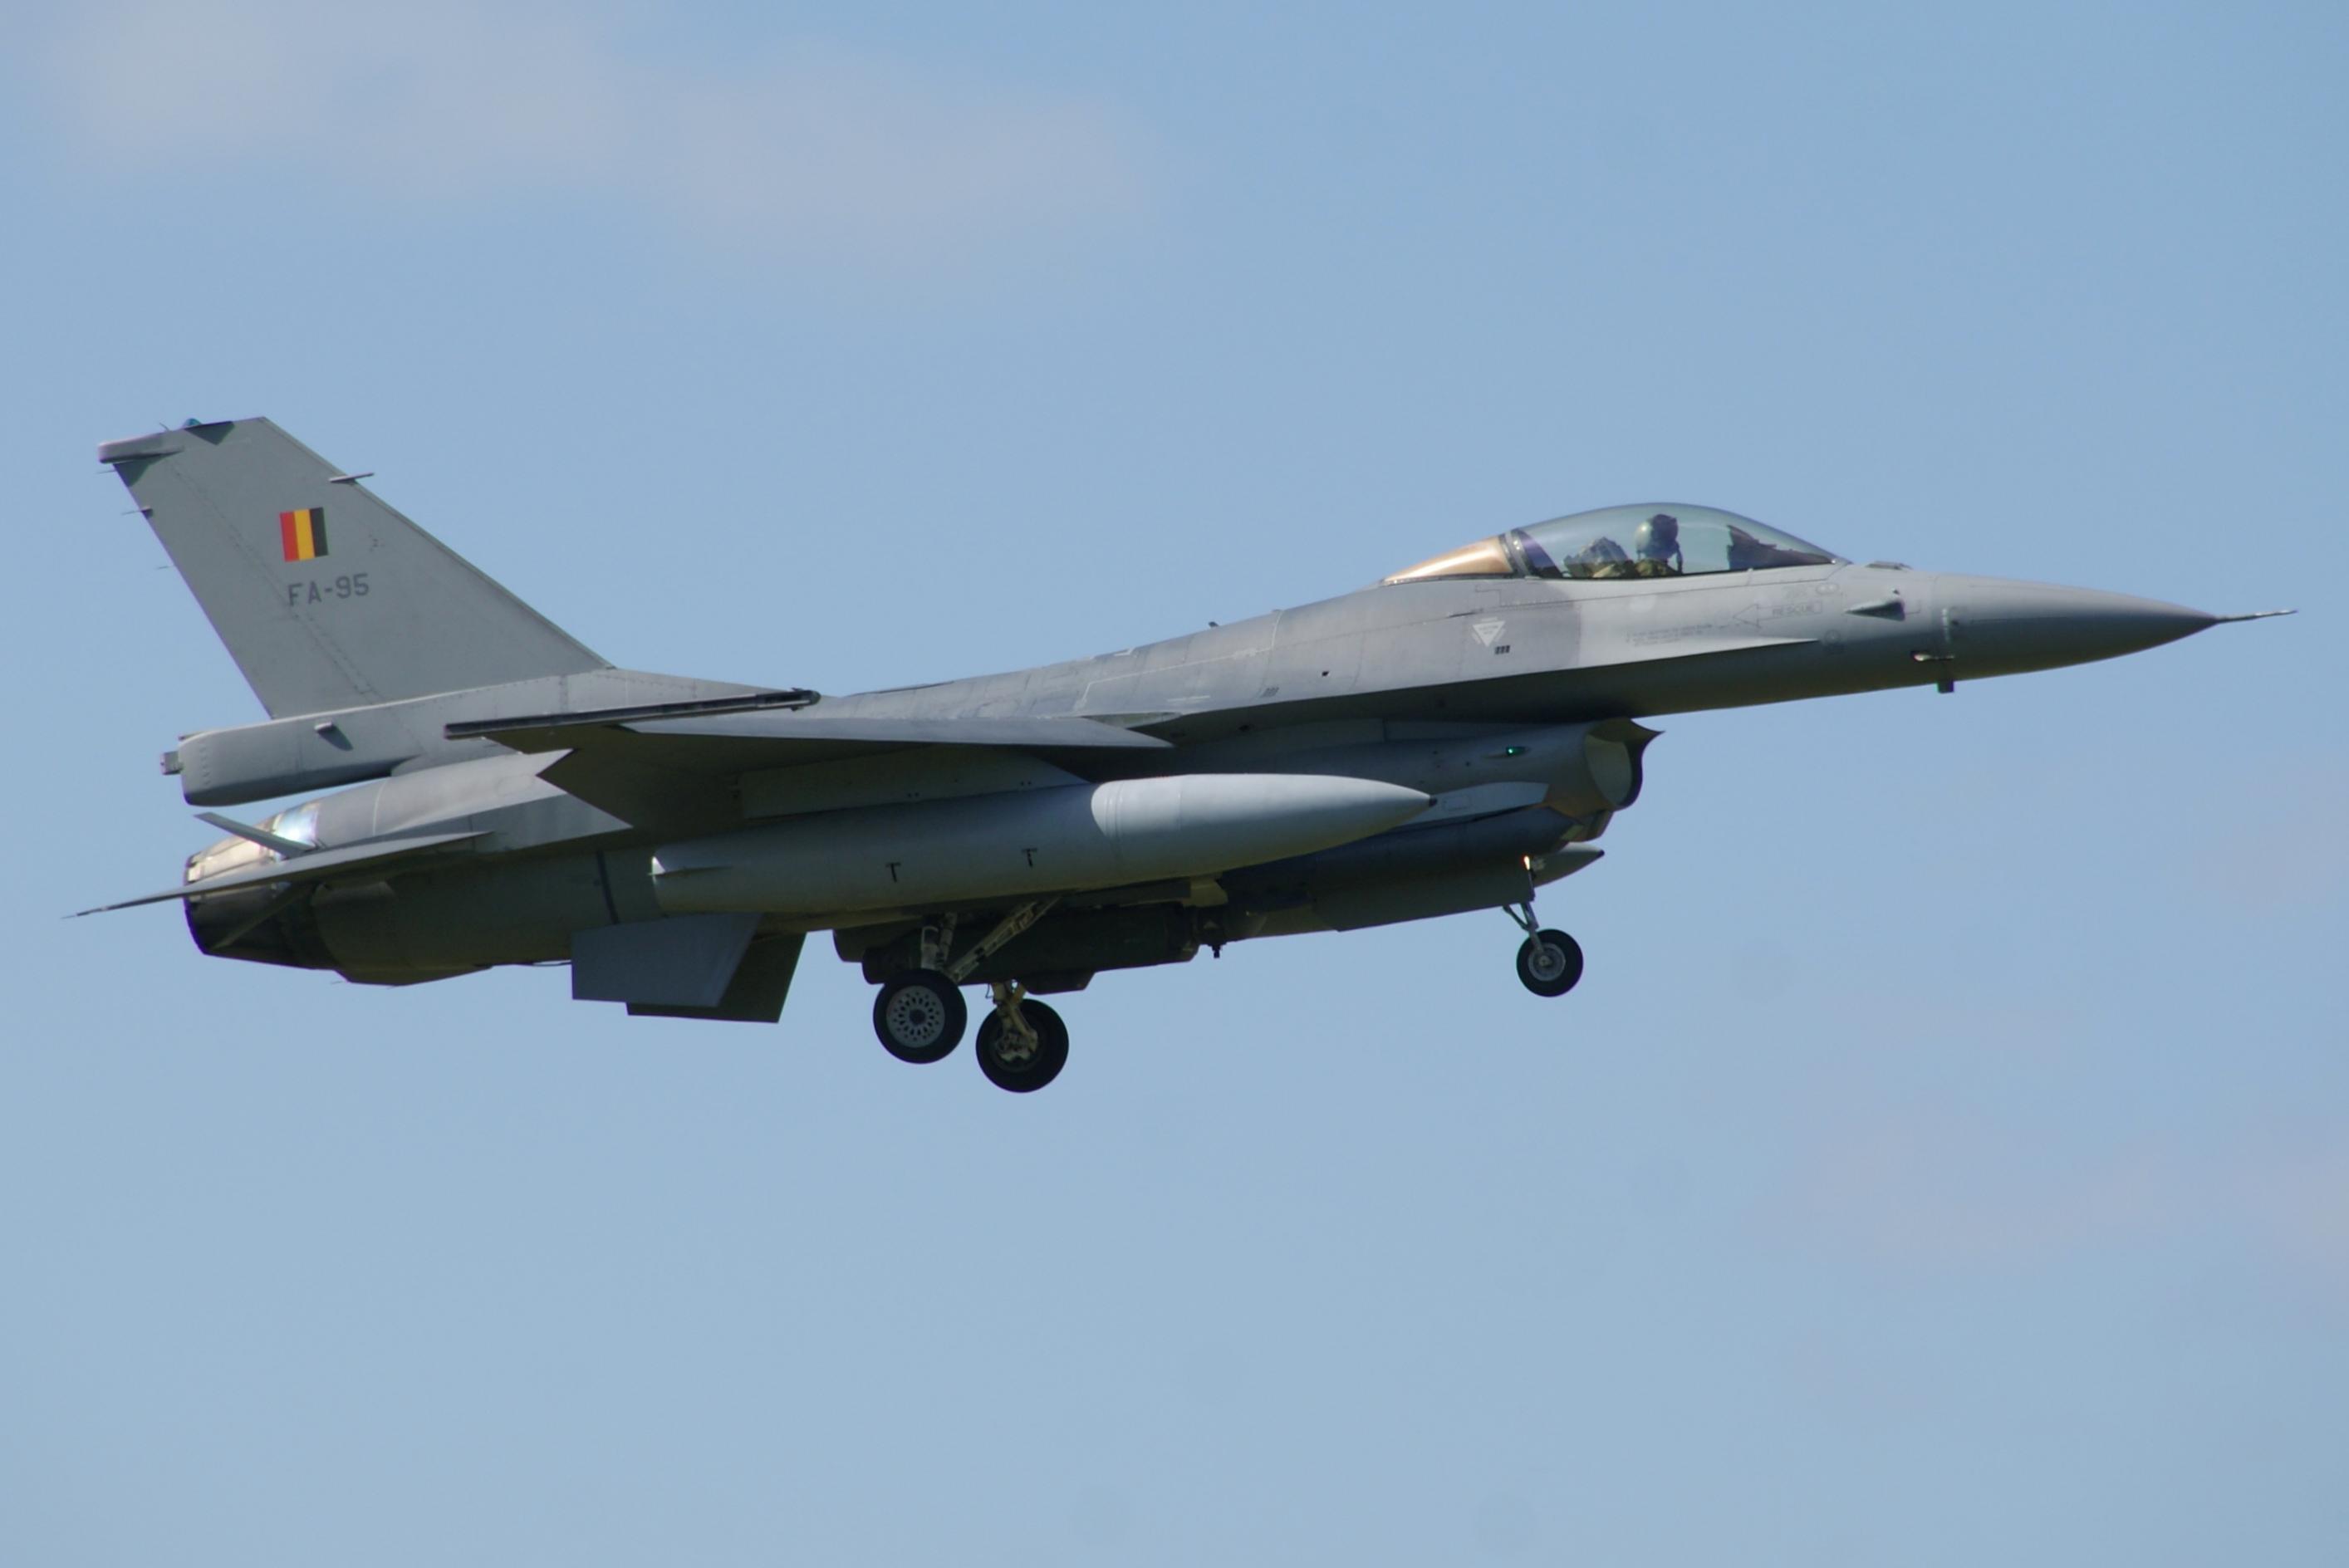 Naam: FA-95 NK.jpg Bekeken: 338 Grootte: 145,0 KB